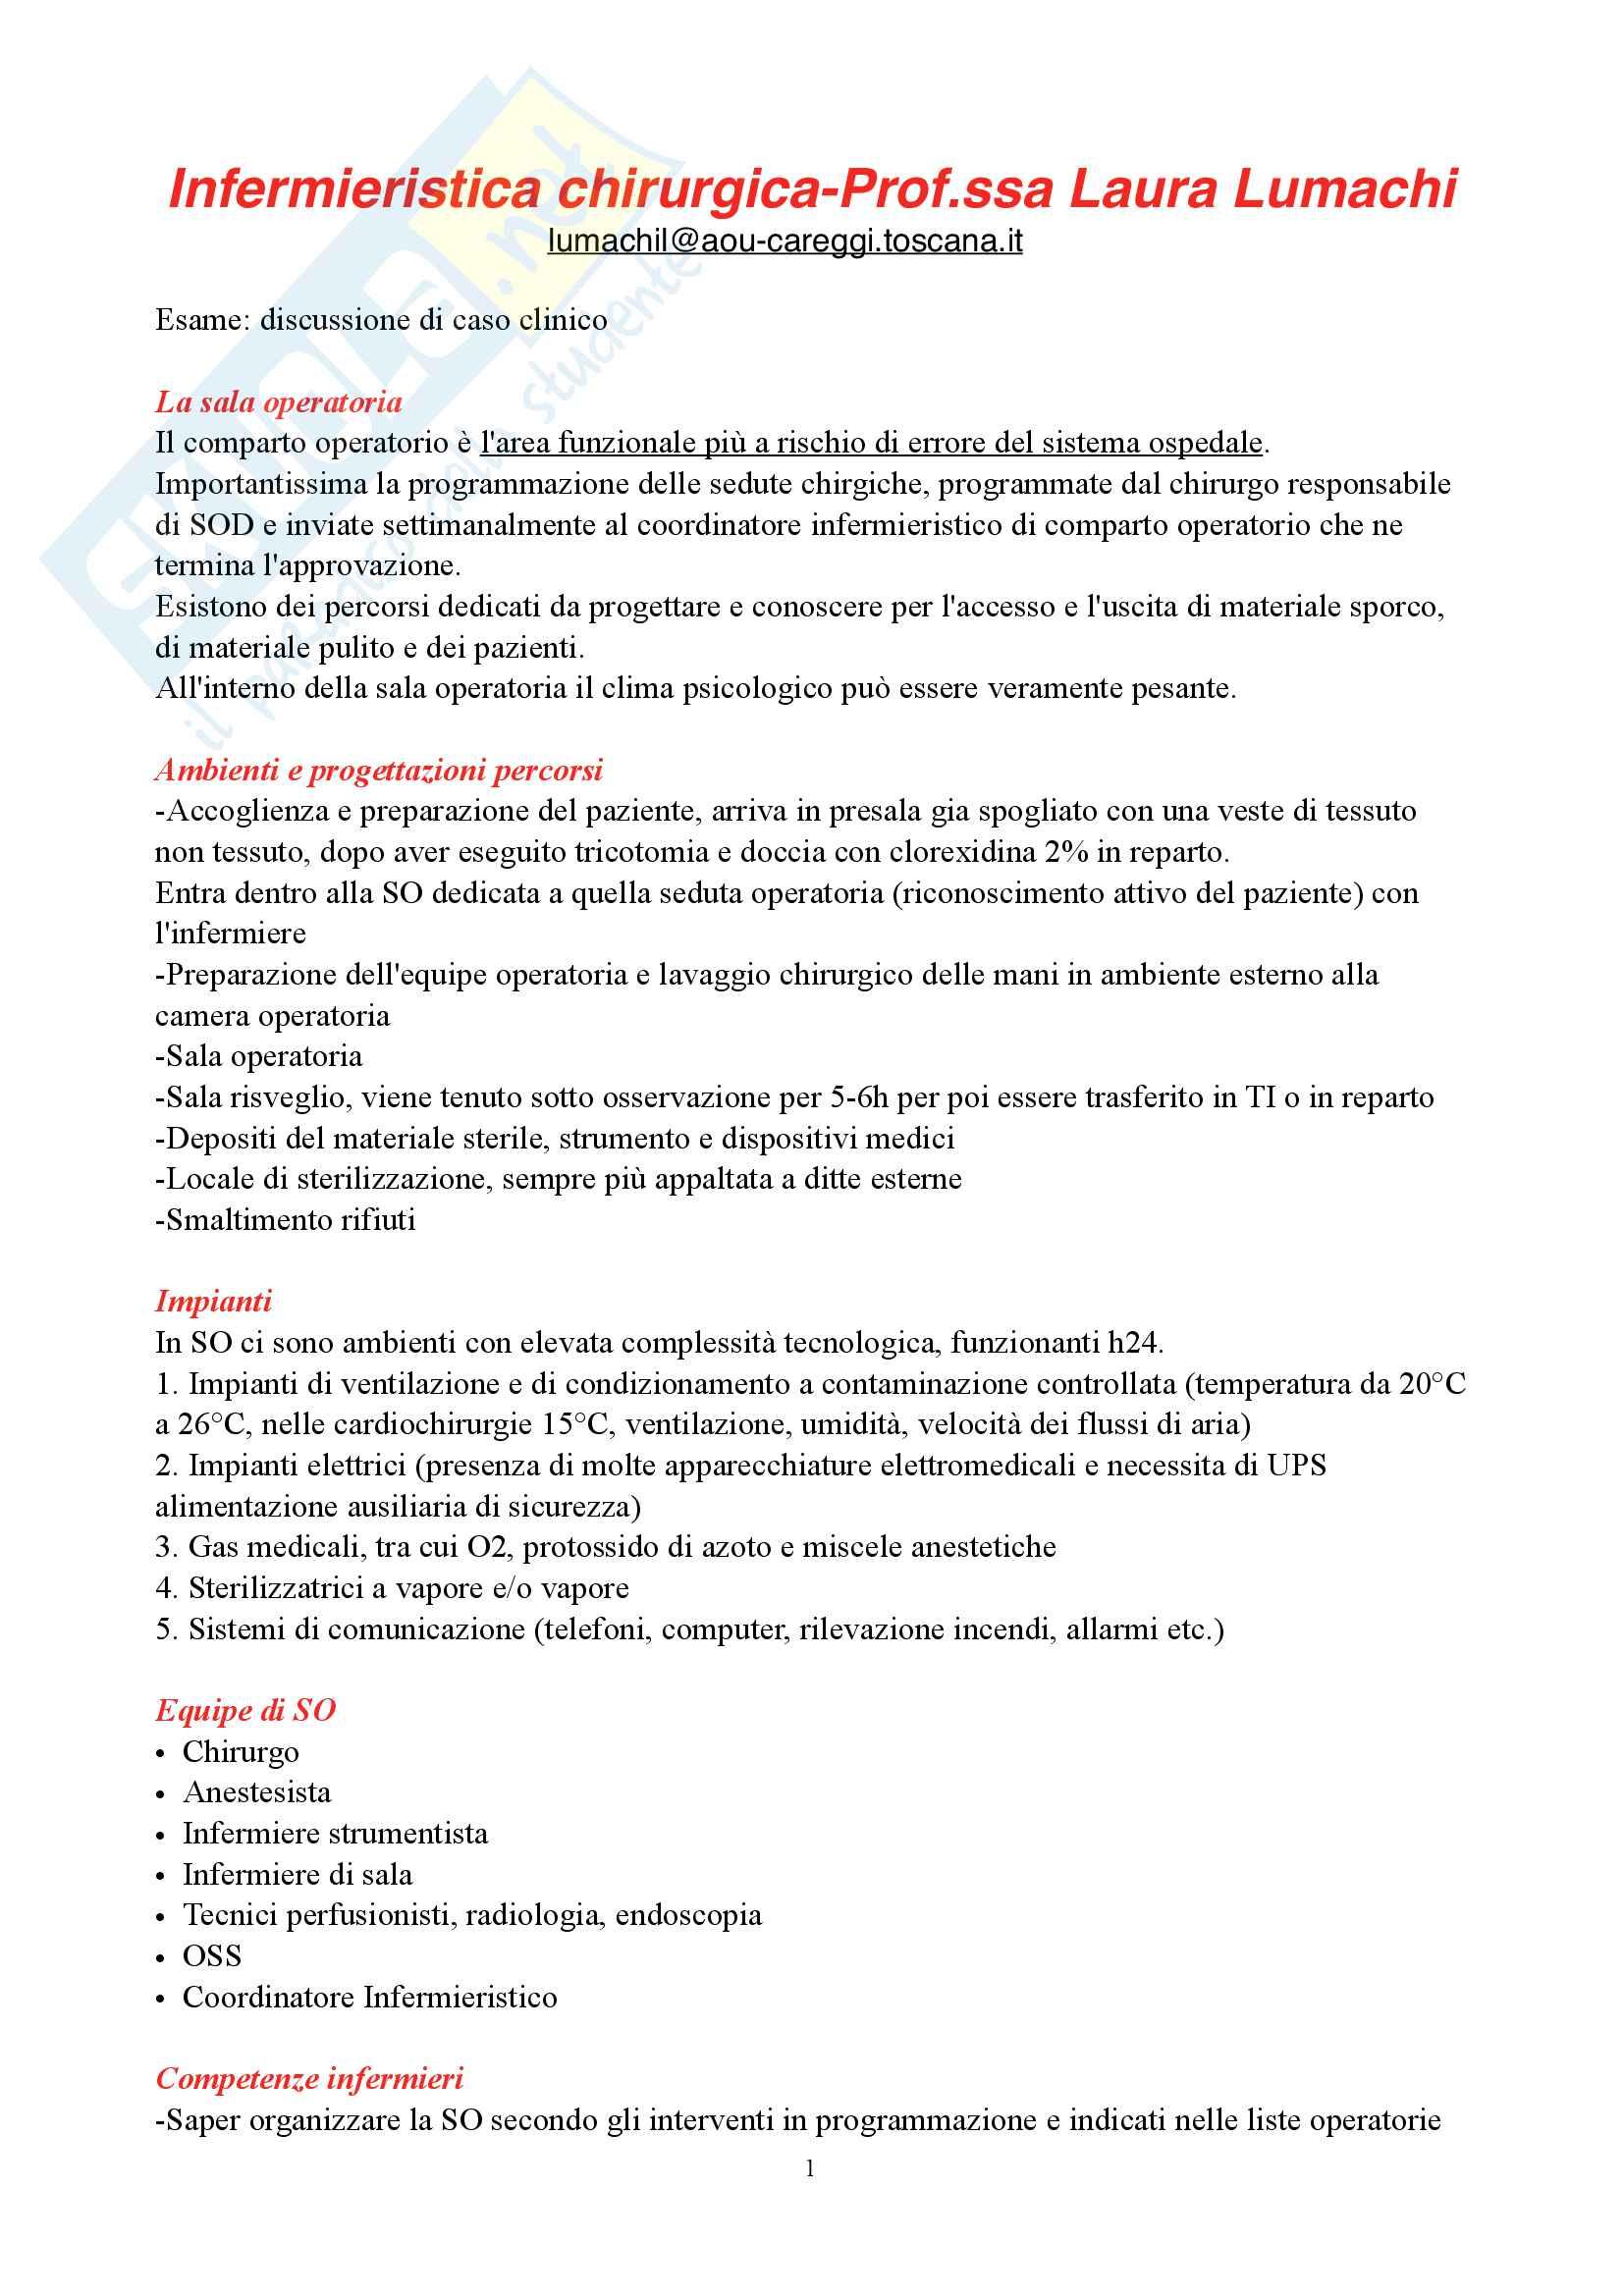 Infermieristica Chirurgica-Appunti Completi